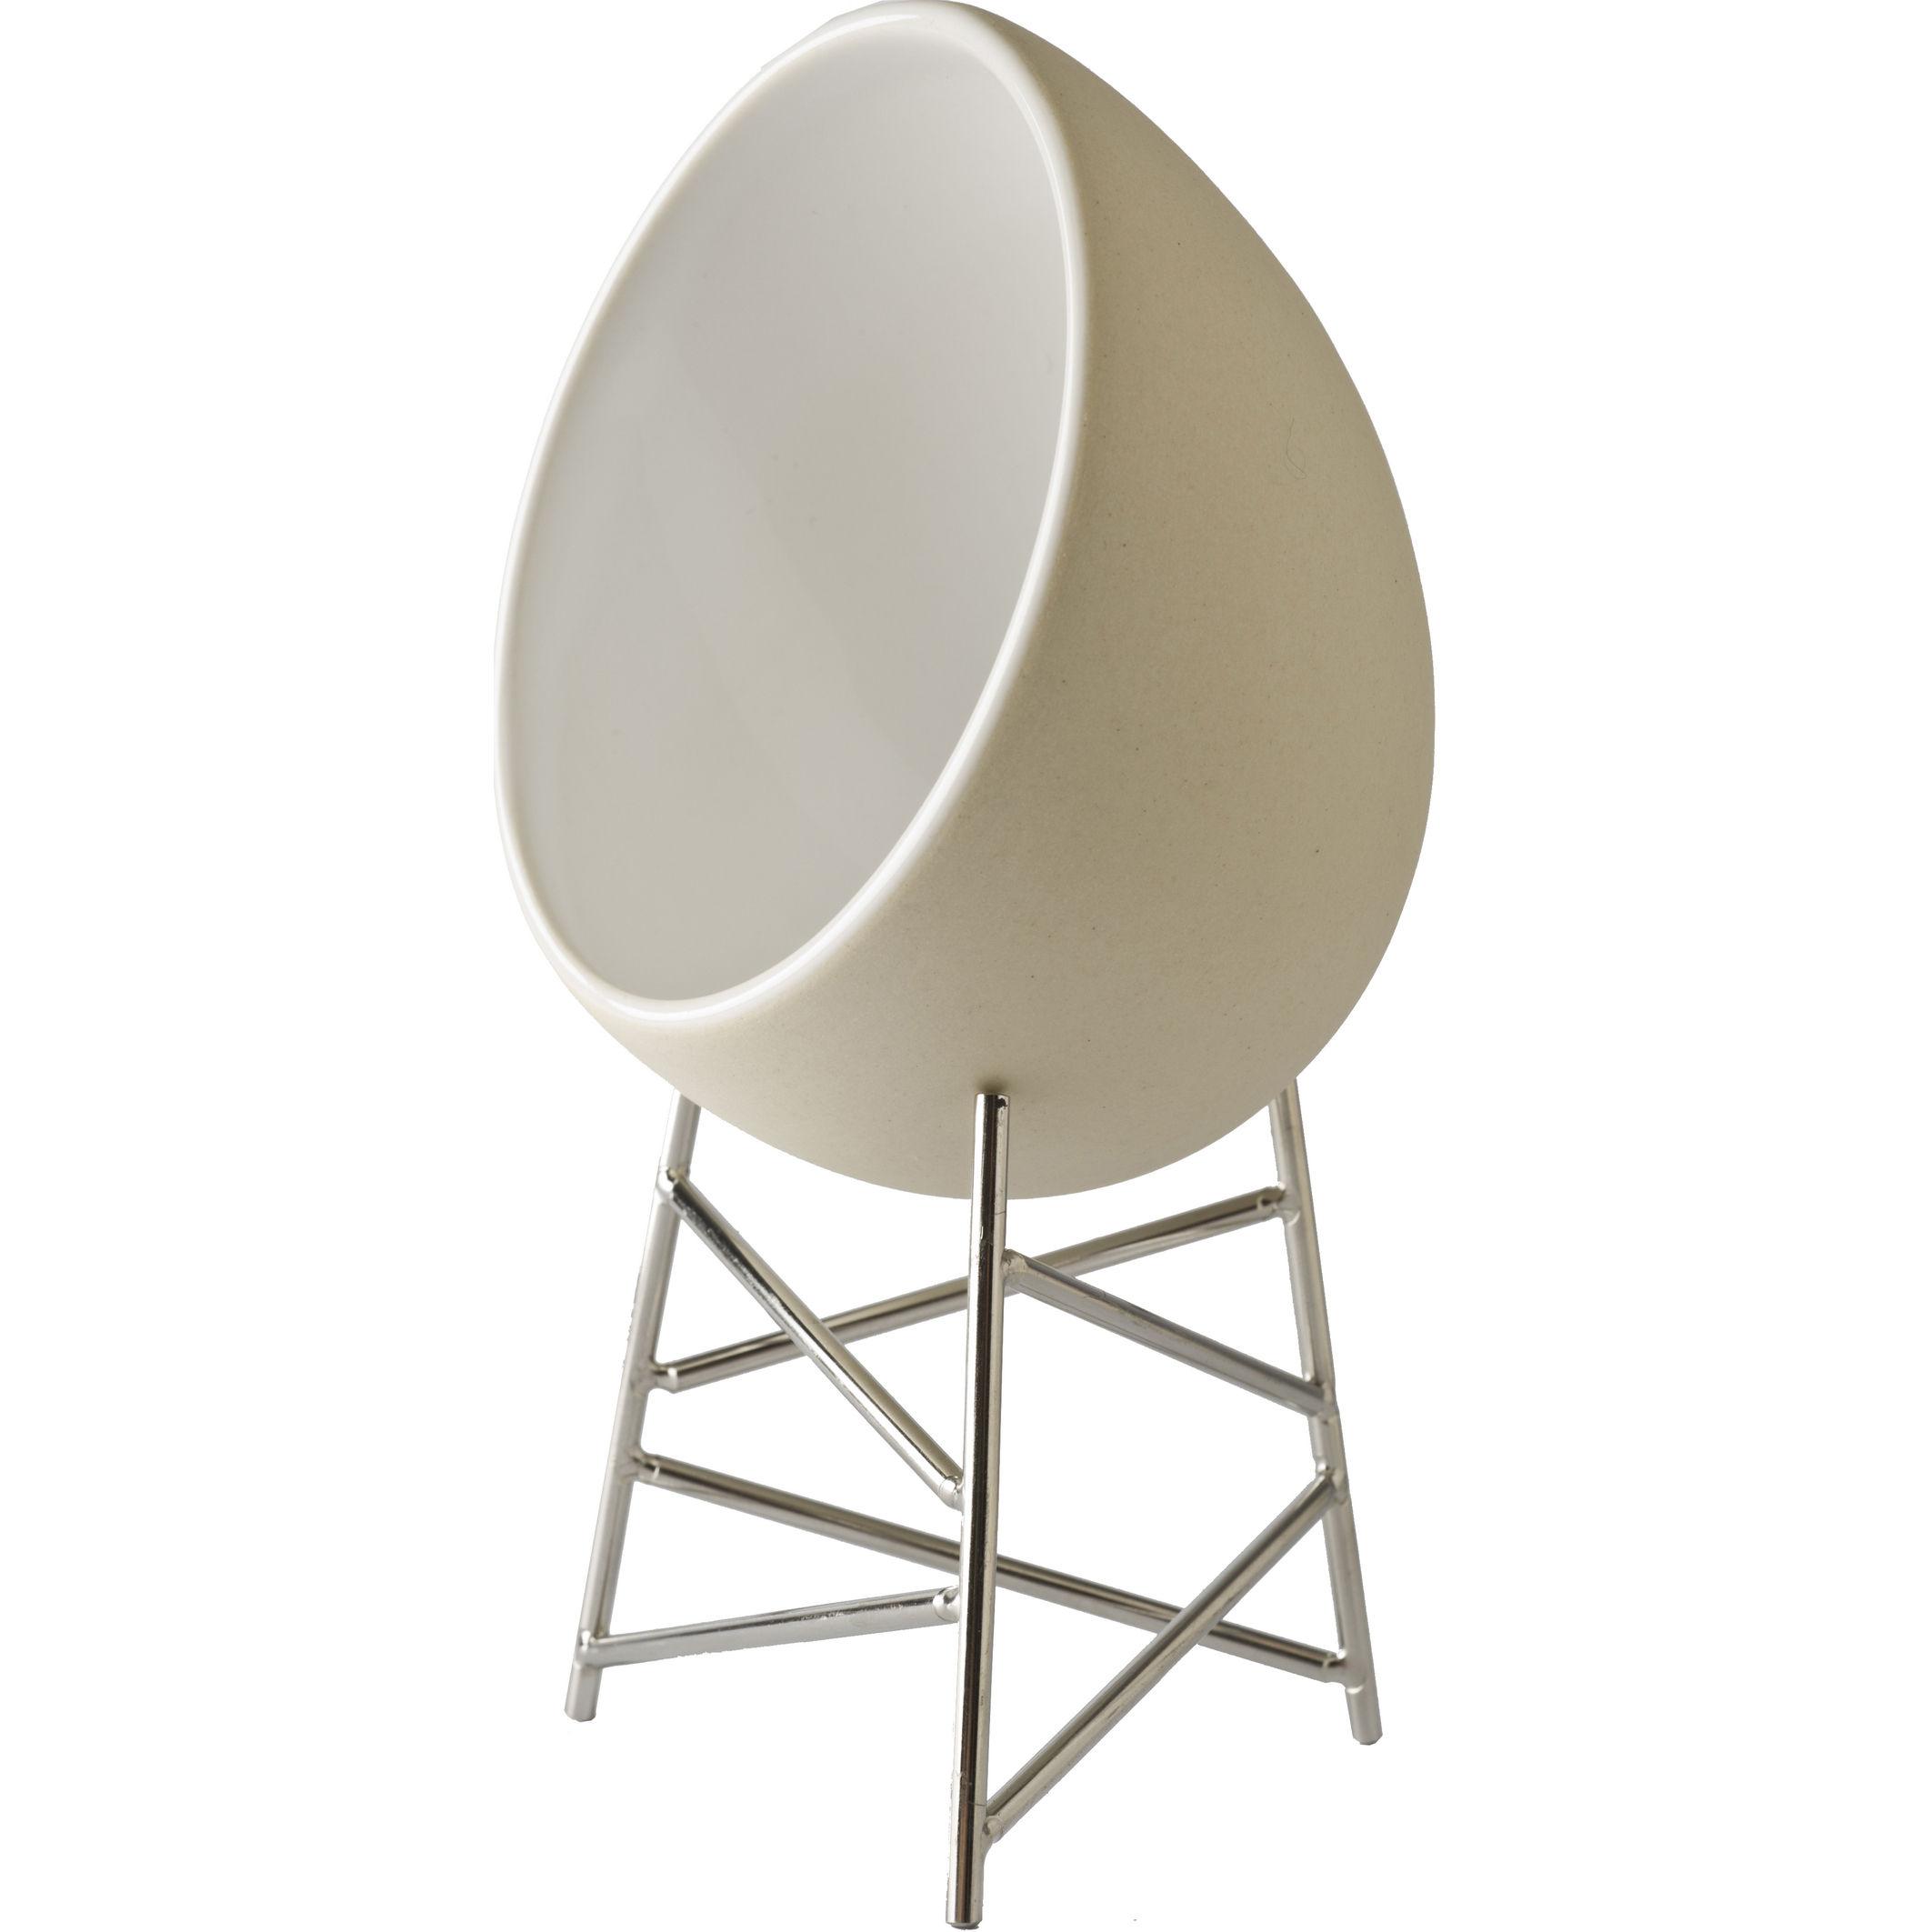 Tavola - Ciotole - Recipiente da forno Le nid - Per cuocere e servire le uova di Alessi - Bianco con supporto in acciaio - Acciaio, Ceramica